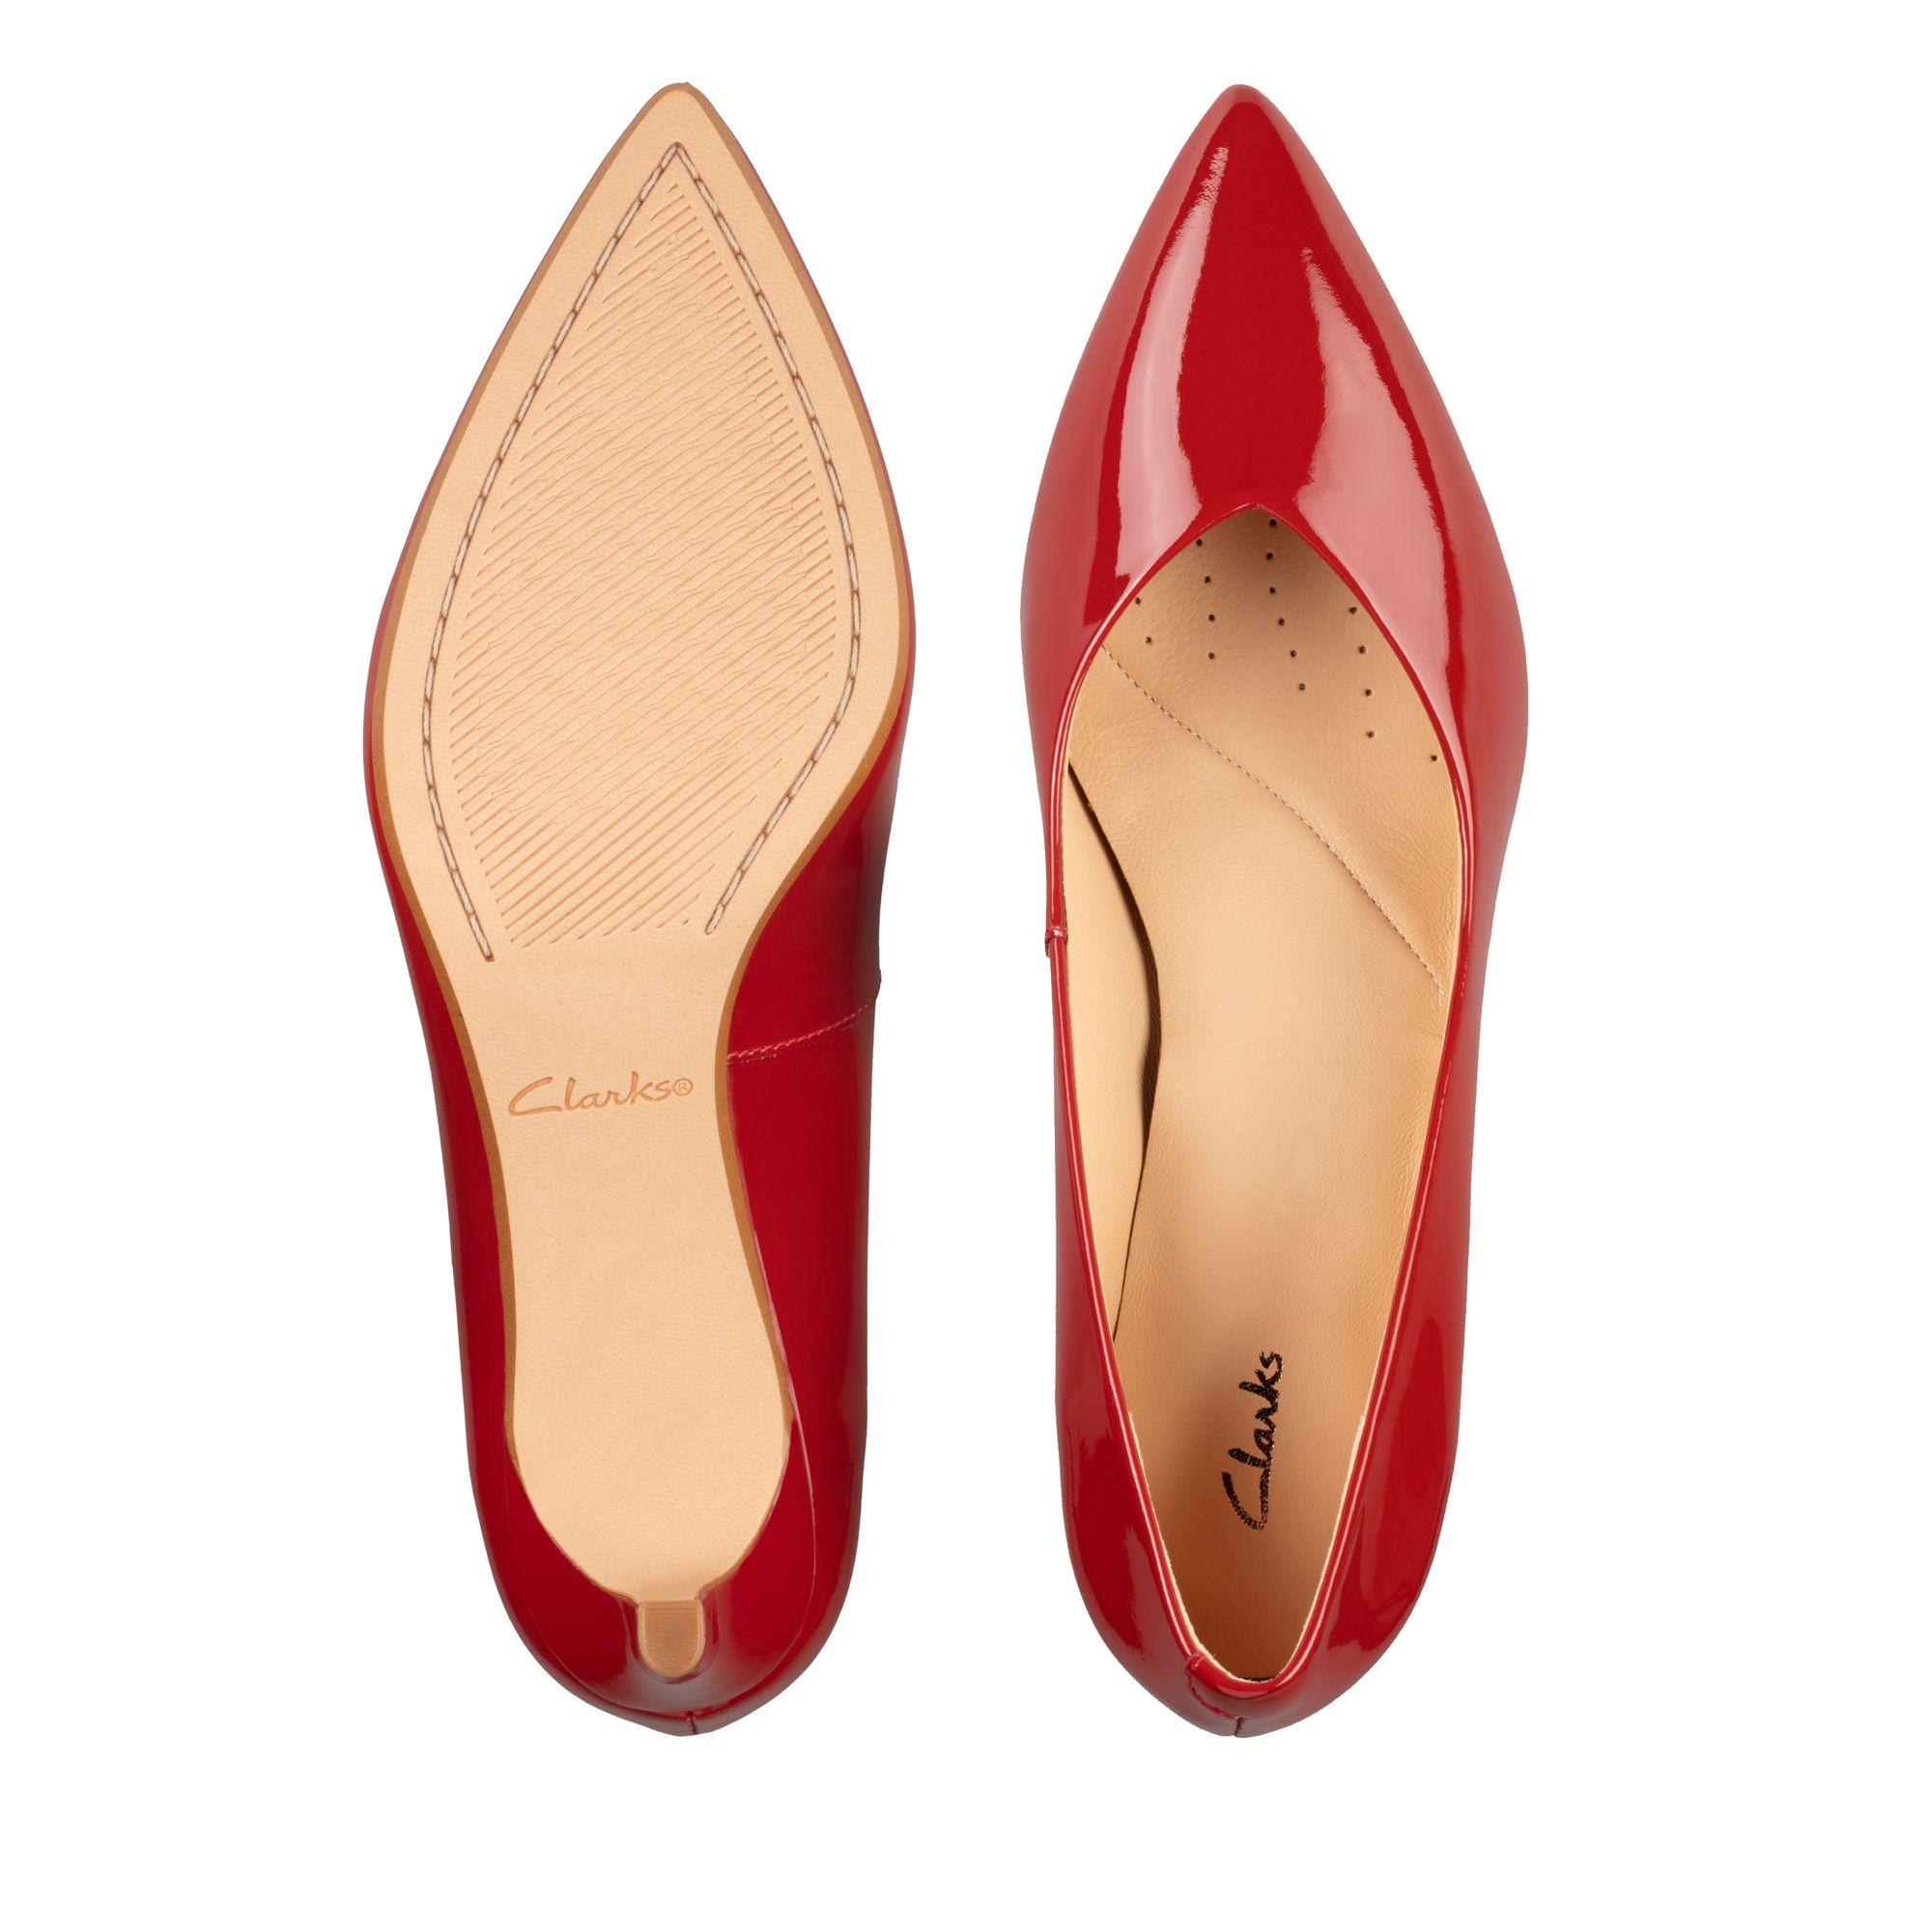 Дамски елегантни обувки Clarks Laina 55 от естествена кожа червени - снимка 8